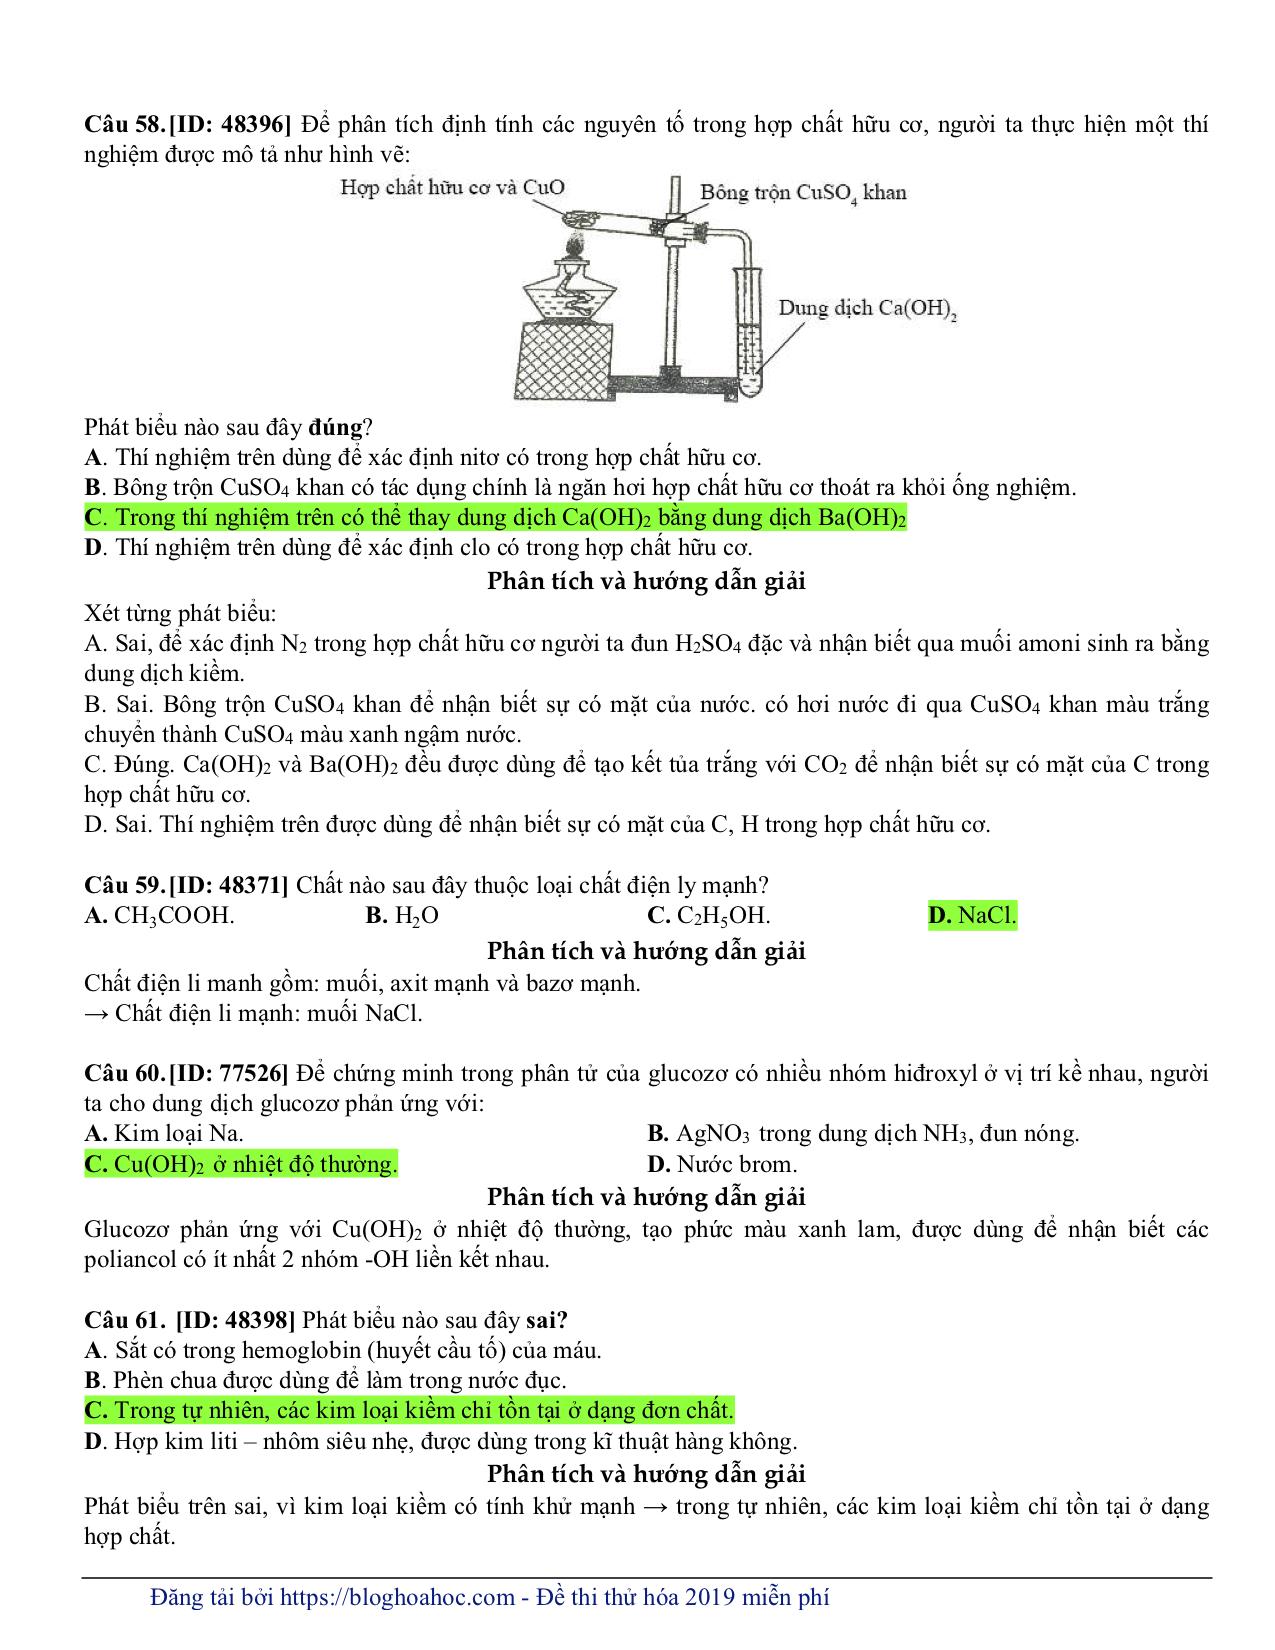 GIẢI CHI TIẾT Đề thi thử 2019 môn Hoá - Thầy Lê Phạm Thành - Đề số 1